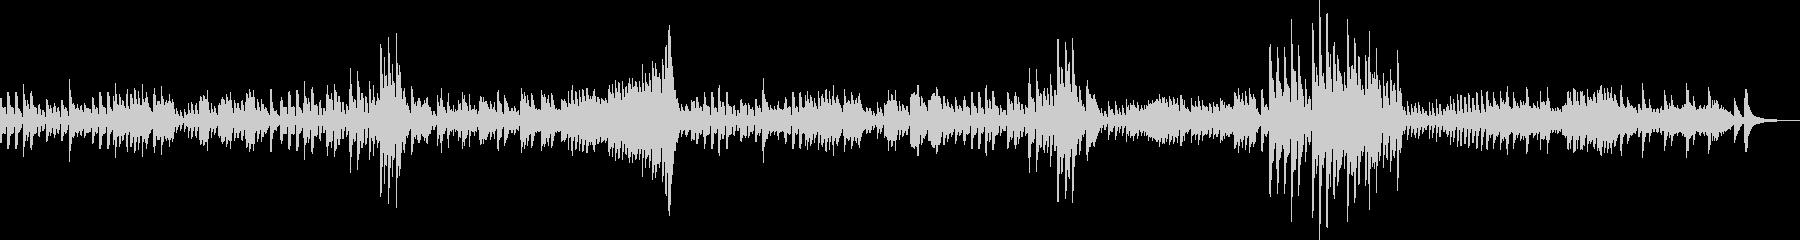 ベートーヴェンピアノソナタ第二番第二章の未再生の波形